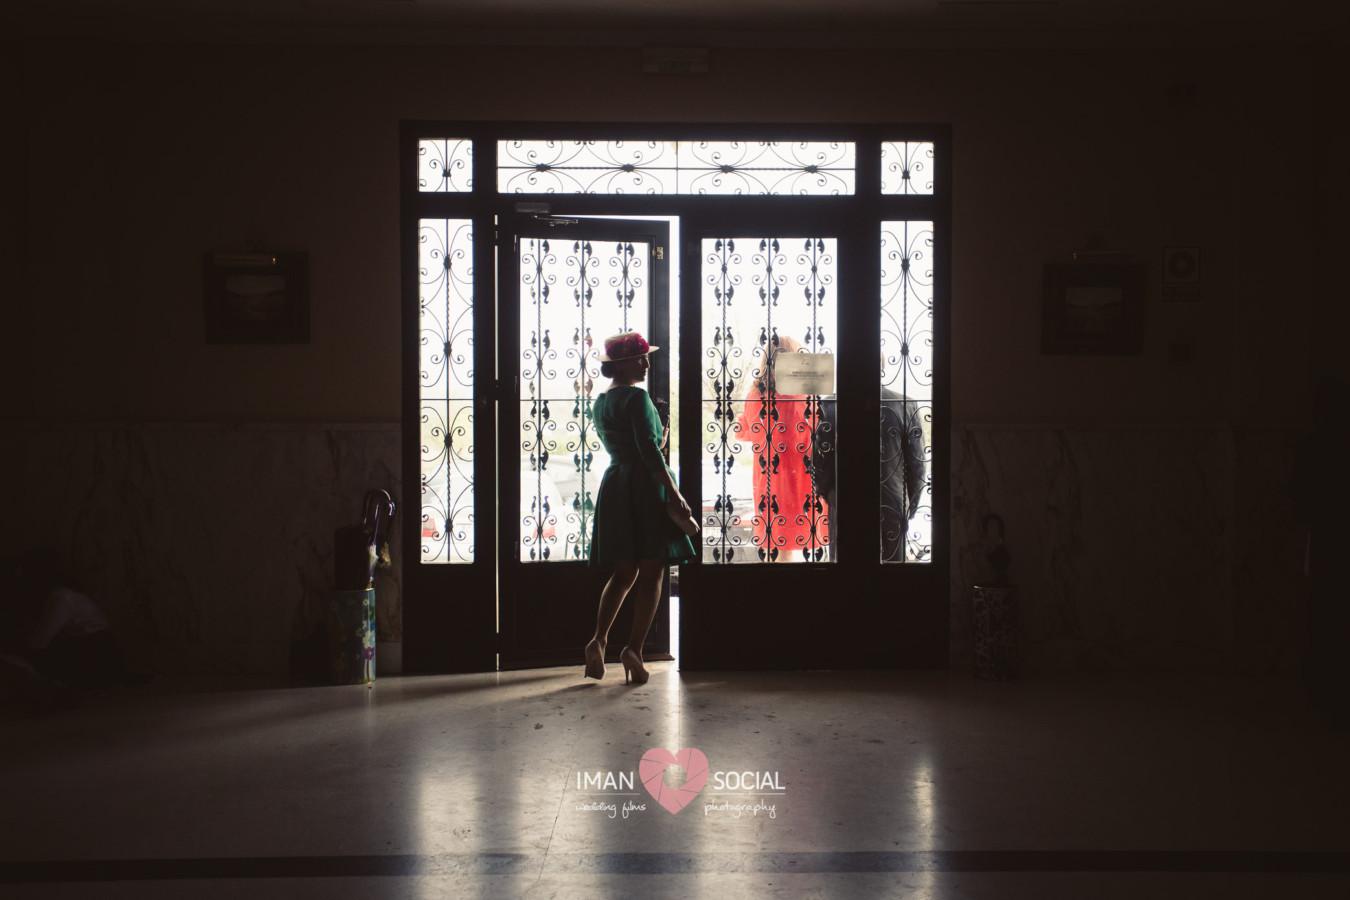 fotografo-de-boda-en-cordoba-sevilla-posadas-boda-auxi-y-antonio-33 Auxi & Antonio, primera boda de la temporada - video boda cordoba